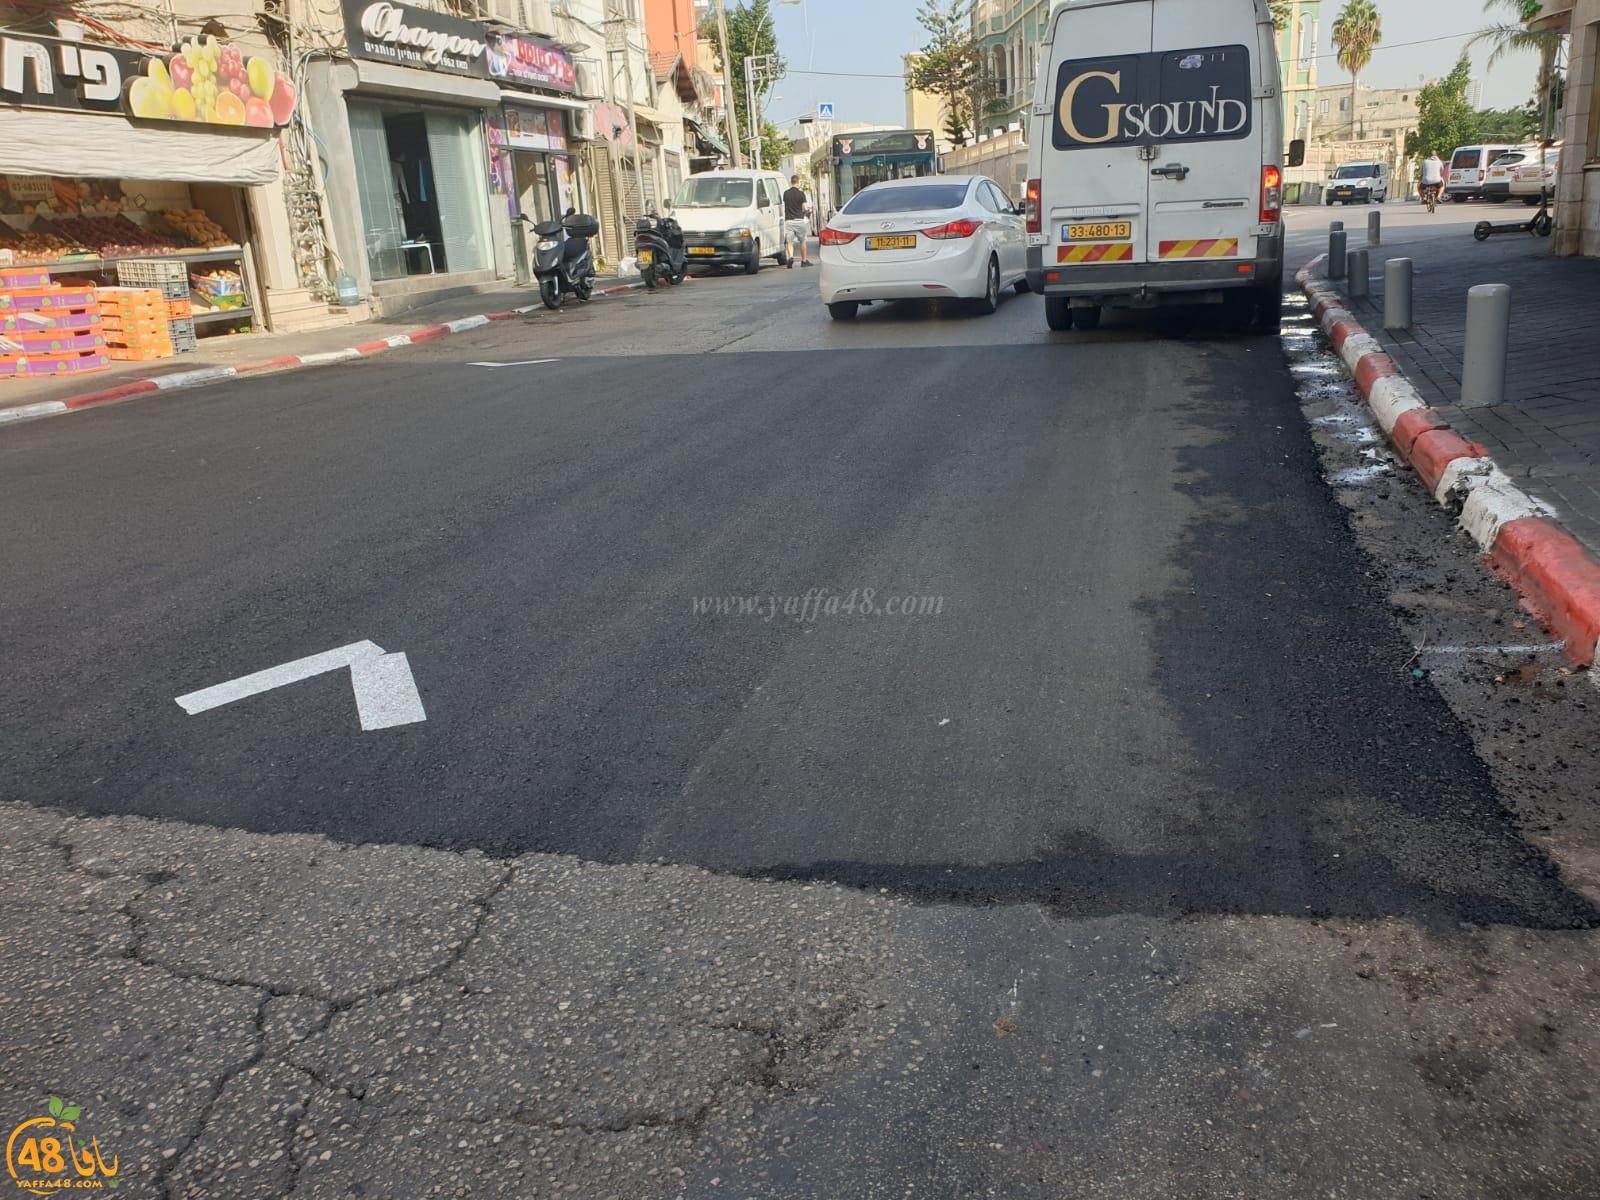 يافا: البلدية تنصاع لمطالب السكان - انشاء مطبات في شارع ييفت للحد من الحوادث